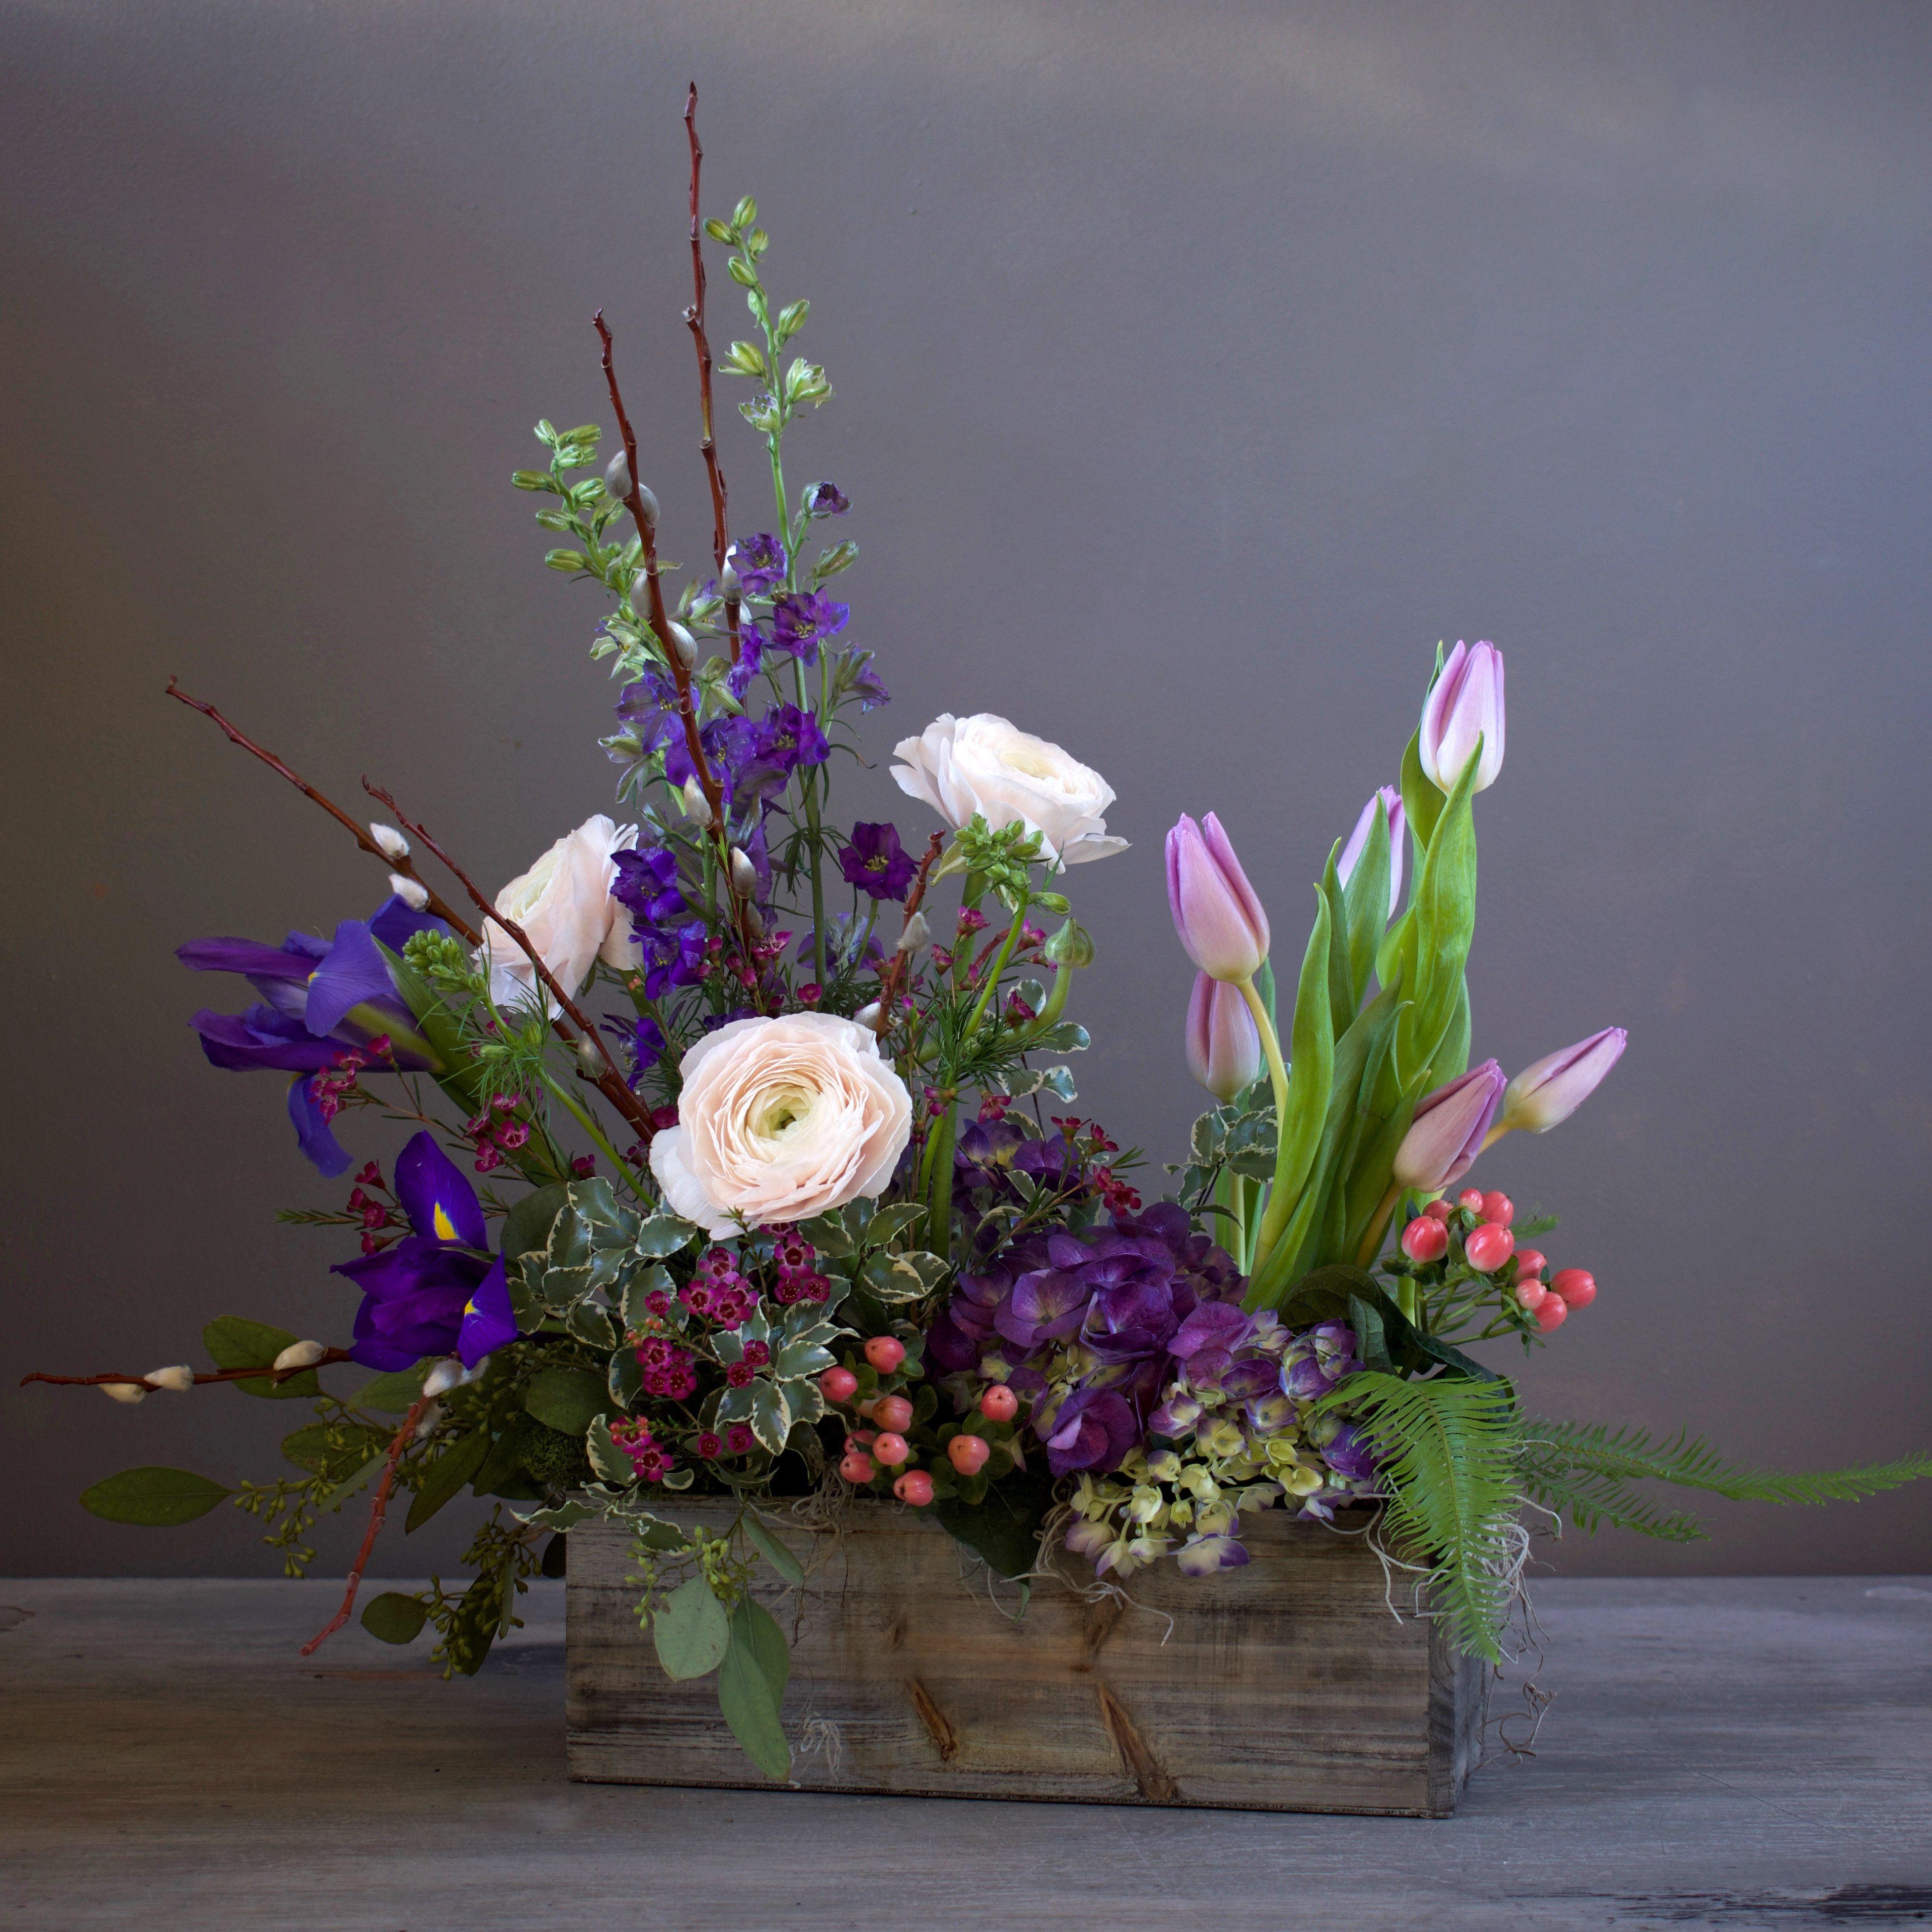 purple gardens | floral design | easter flower arrangements, floral